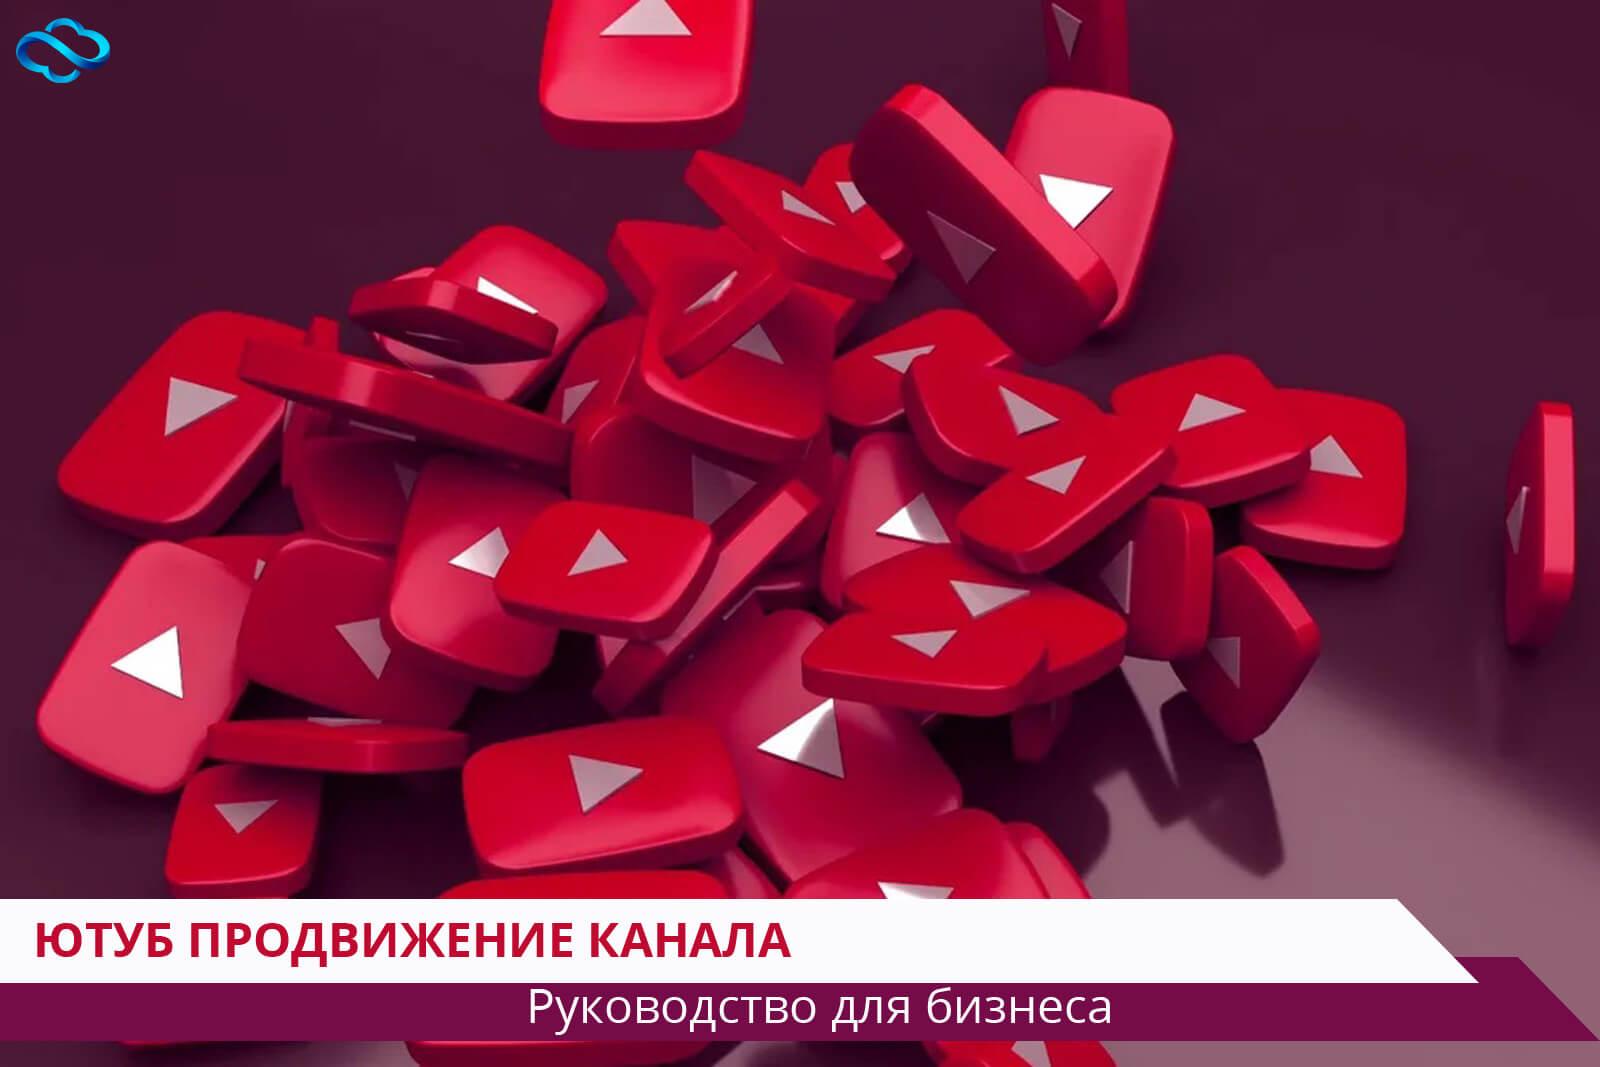 Ютуб продвижение канала